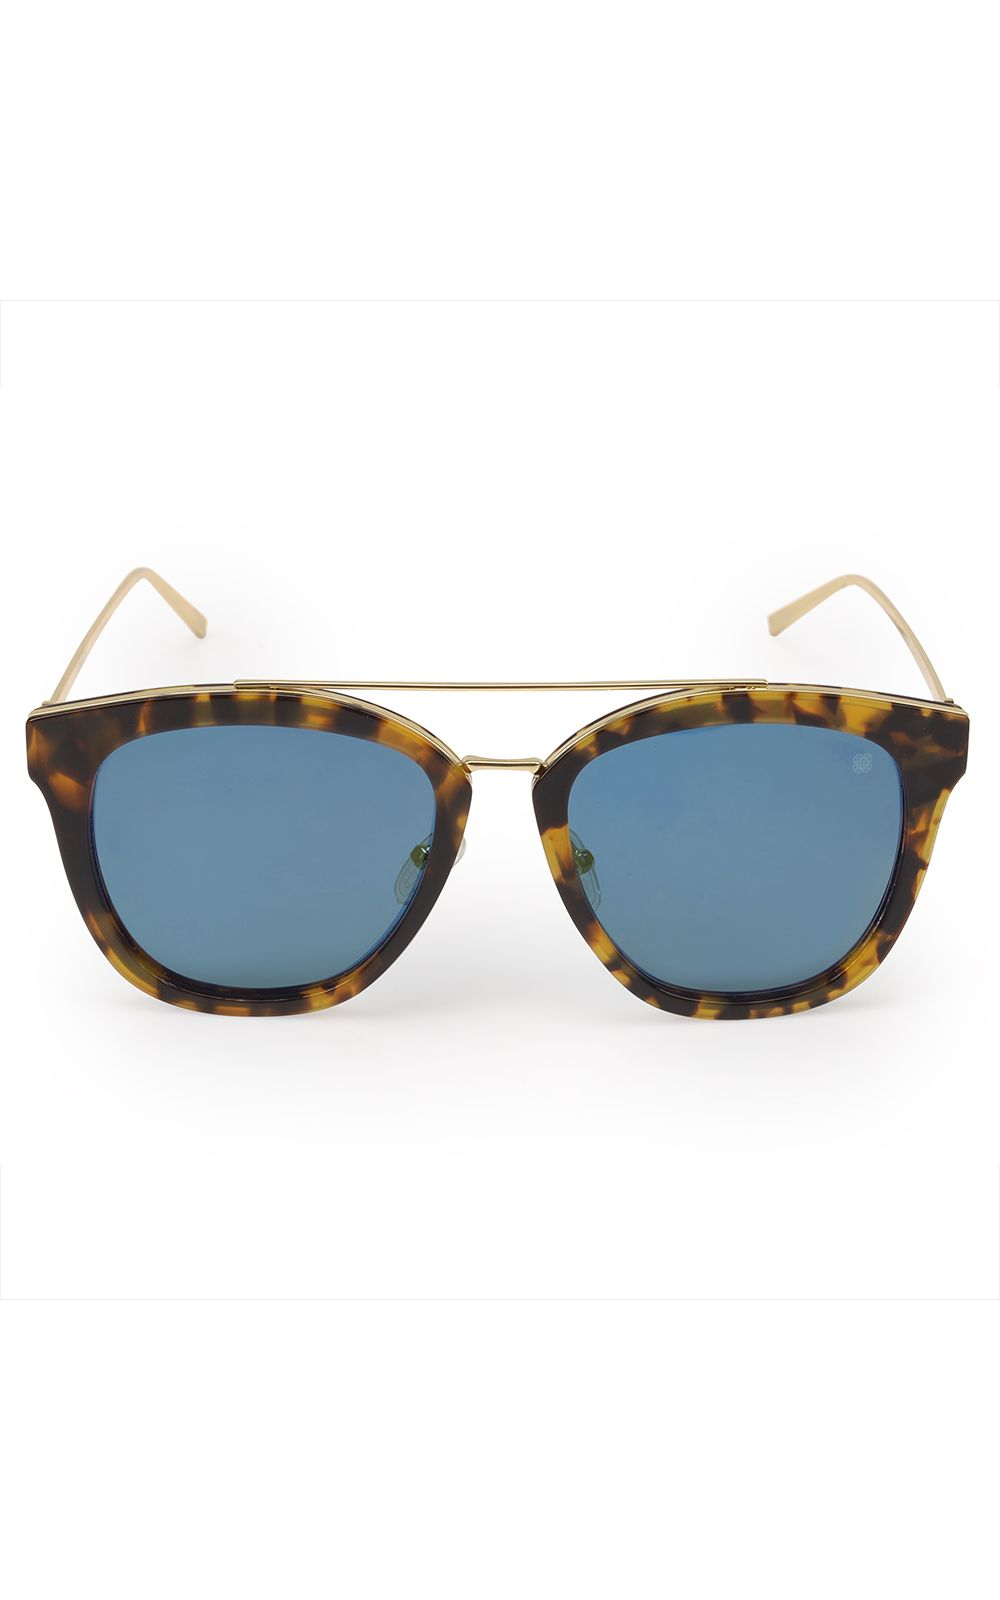 7c2bcb9d6 Óculos Euro Feminino Acetato Hit Tartaruga E0010F4728/8S | Opte+